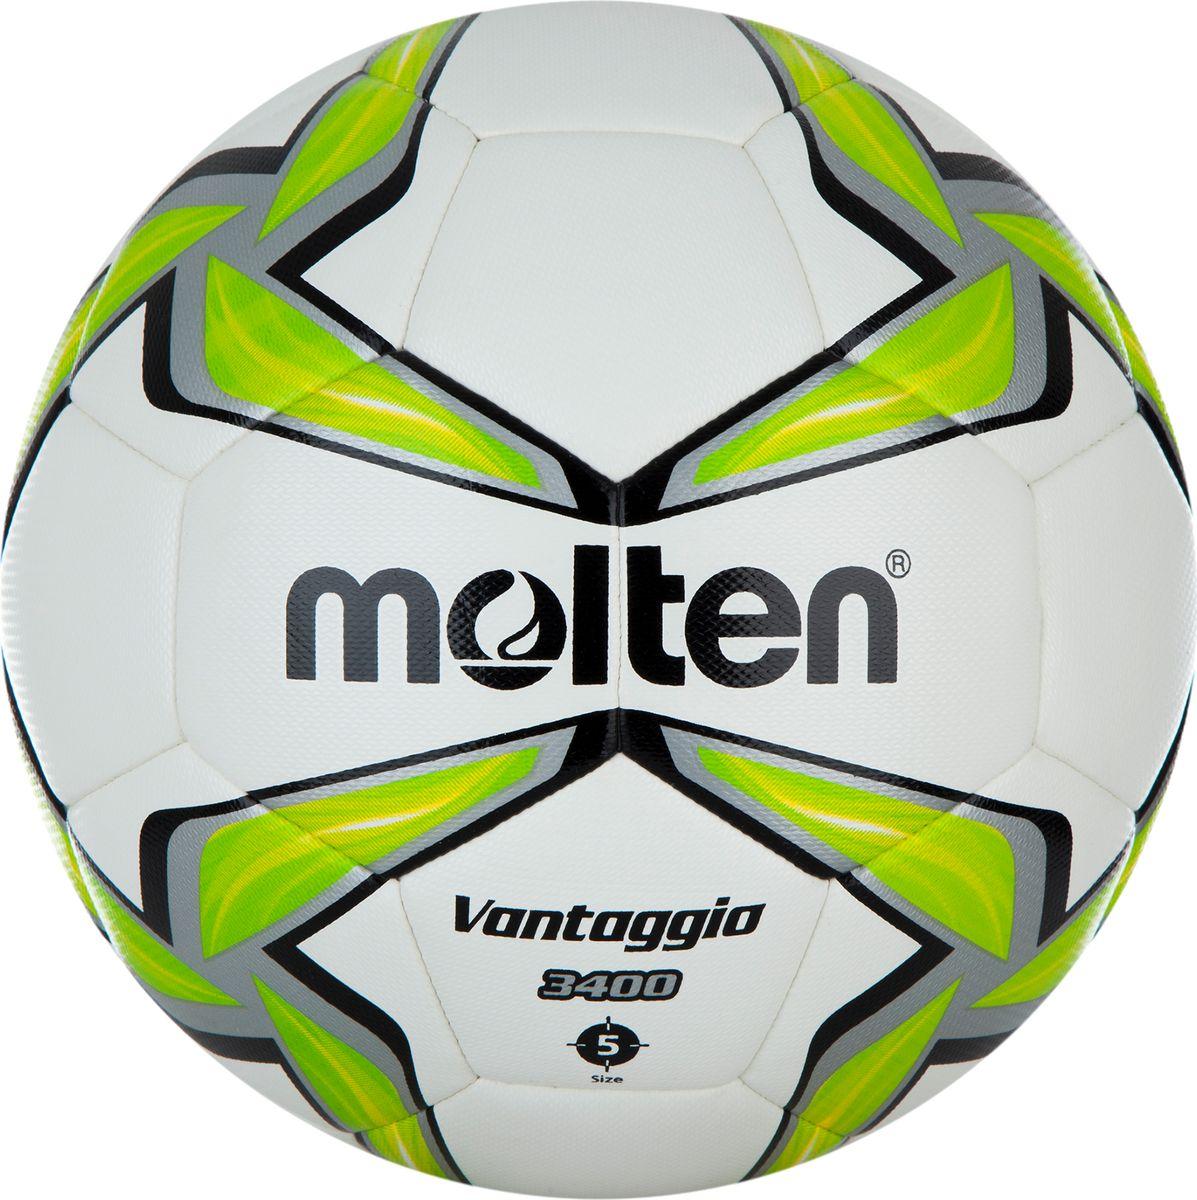 Мяч футбольный Molten. Размер 5. F5V3400-GF5V3400-GФутбольный мяч от Molten.Высокая прочность. В модели используется комбинированное соединение панелей: машинное шитье с последующей термосклейкой. Мяч остается мягким, но при этом прочным, как при ручной сшивке.Устойчивость к стиранию. Покрышка из полиуретановой синтетической кожи обеспечивает долговечность и устойчивость к истиранию.